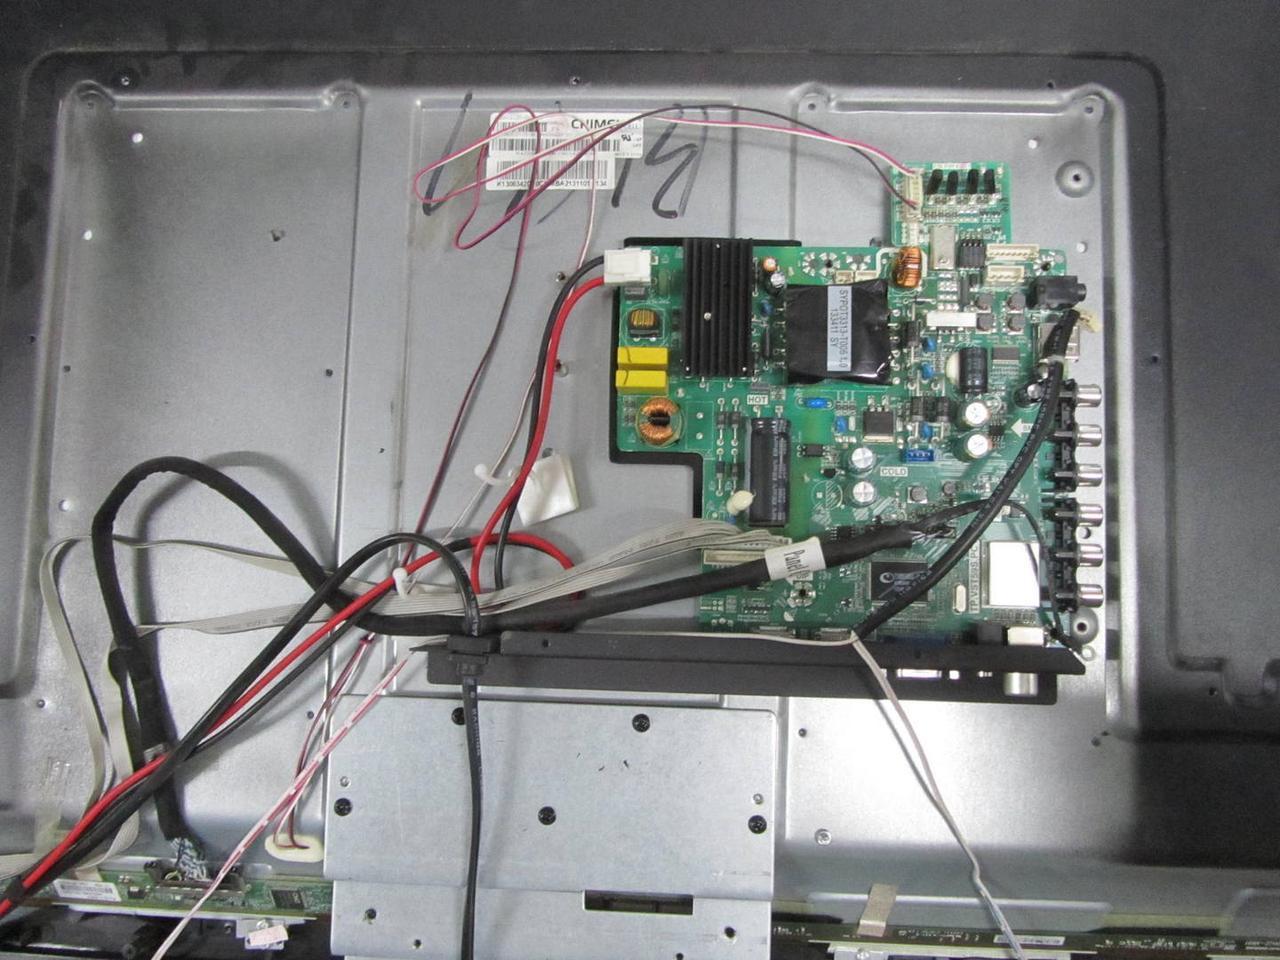 Запчастини до телевізора BRAVIS LED-DH42416 (TP.VST59S.PC1, L24M-IR-A-V1.1, V420HJ2 -P01, V420HJ2-XC01)